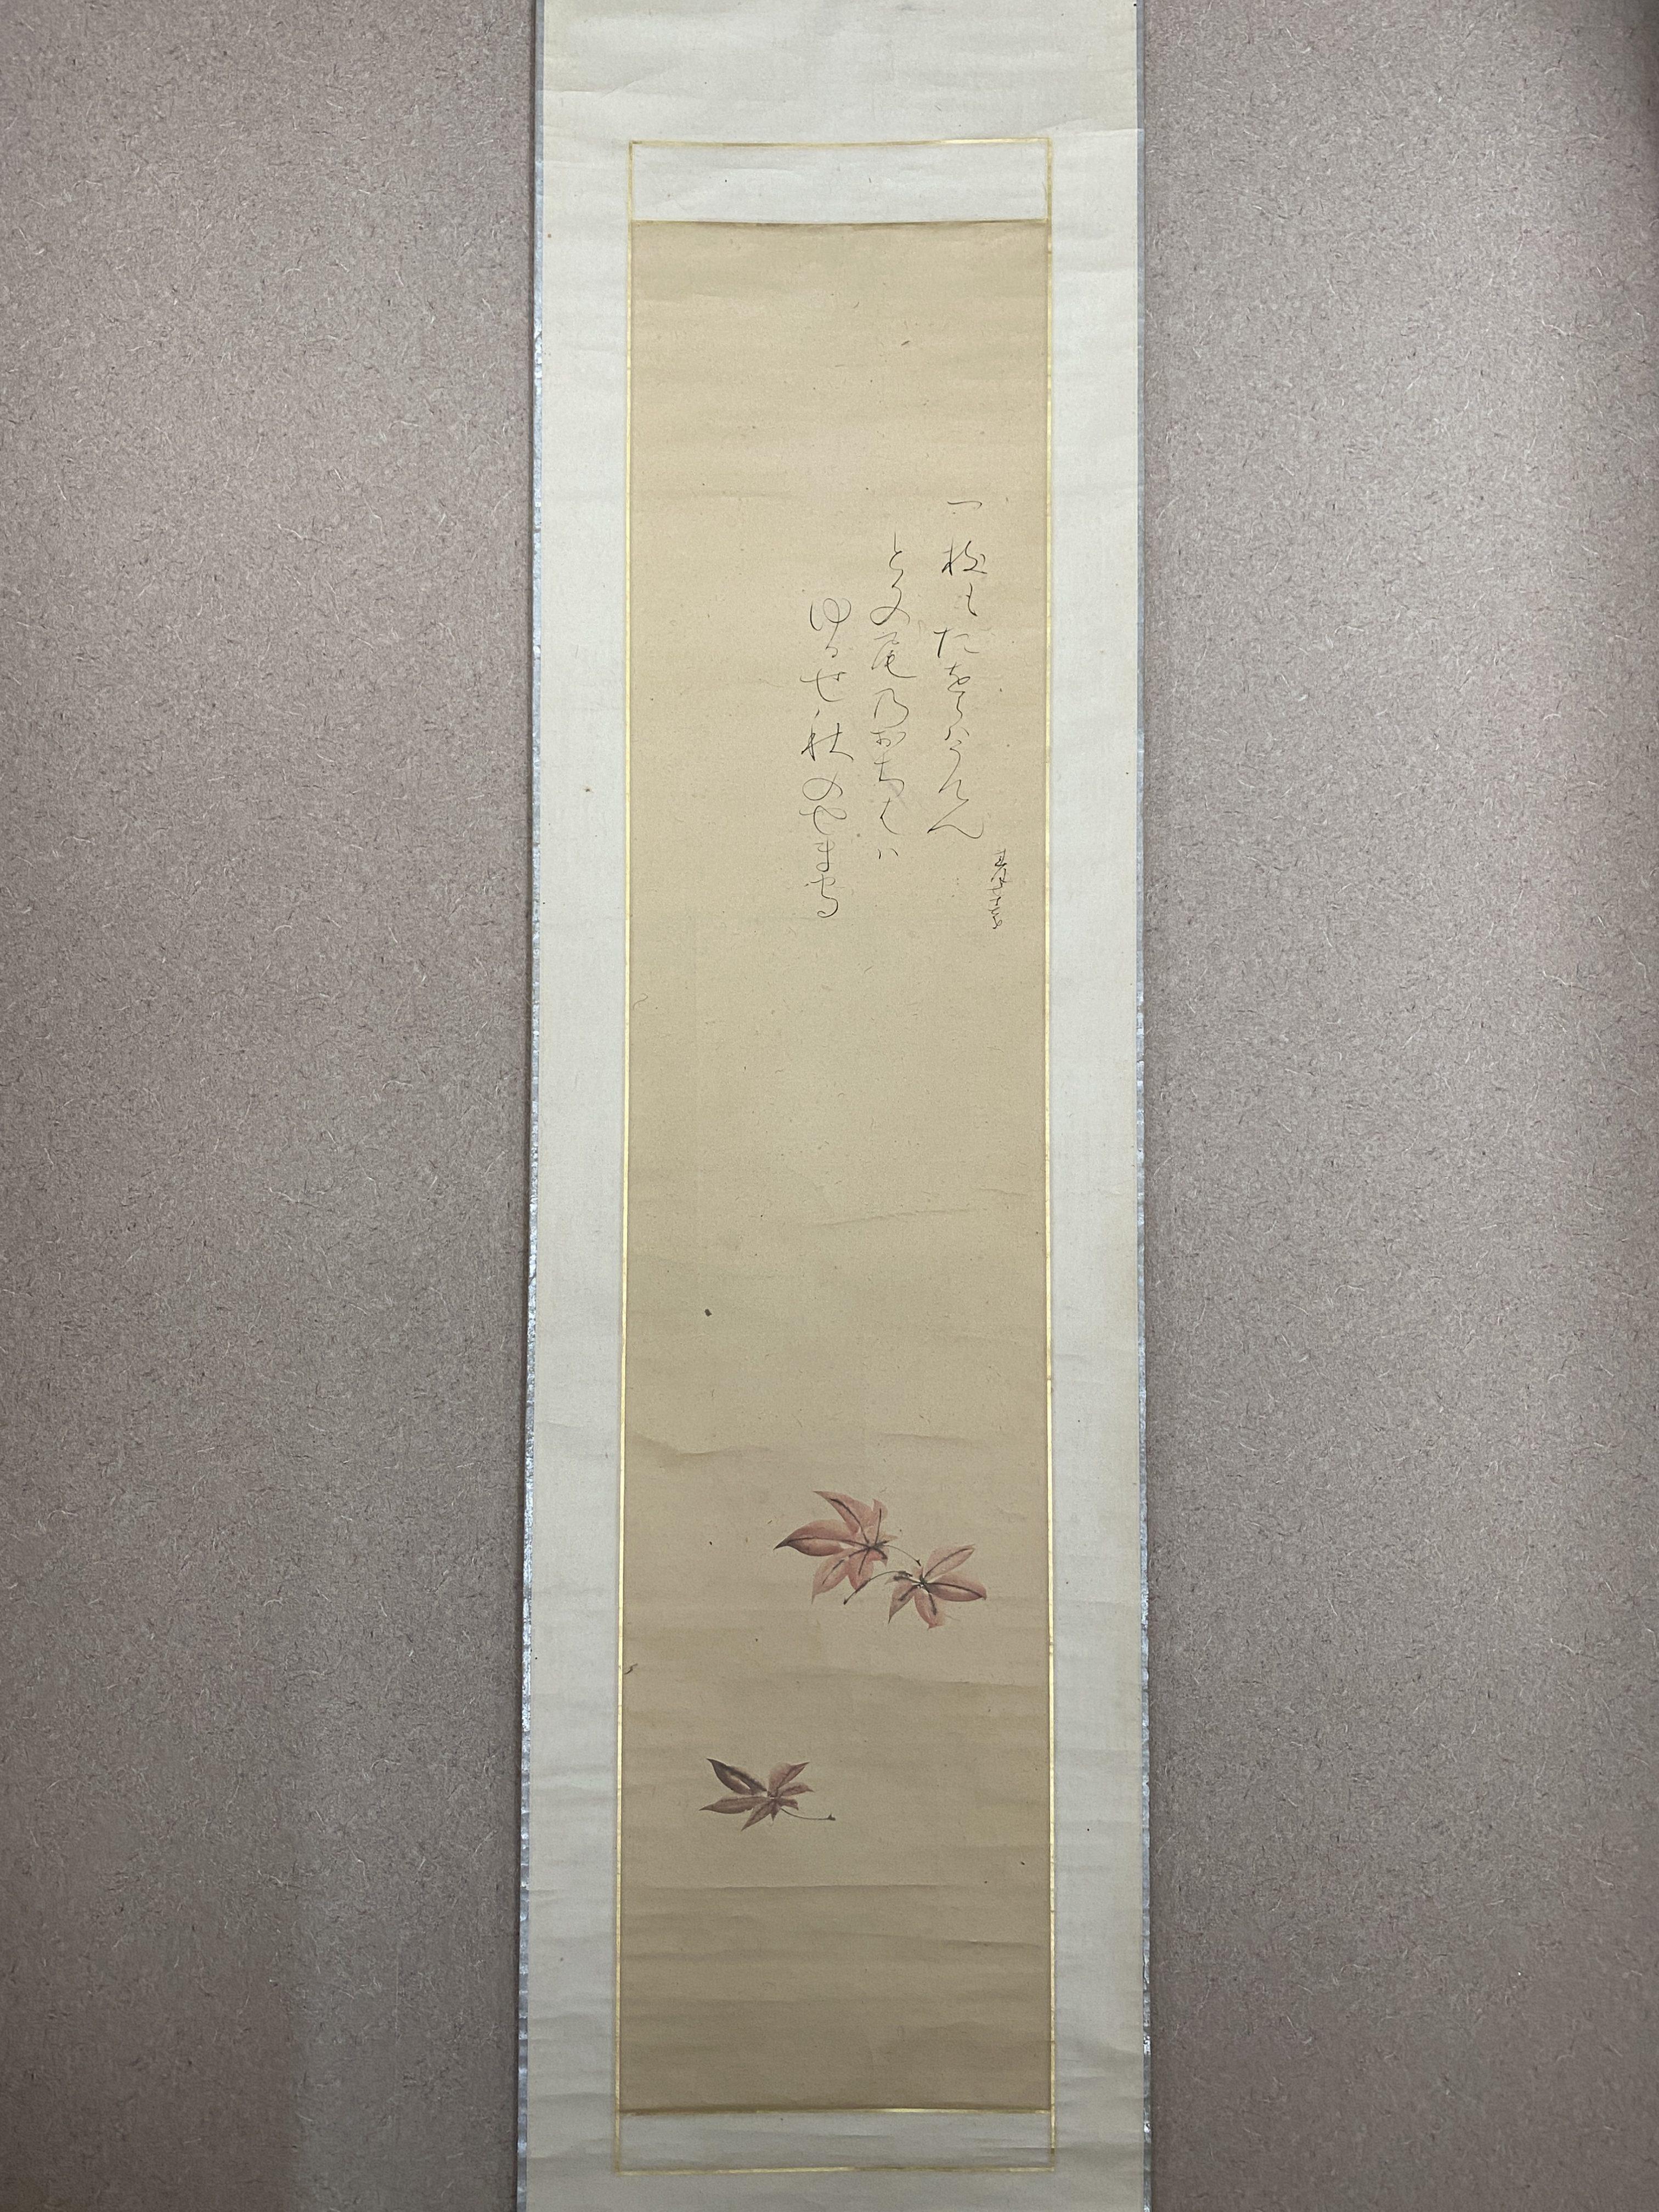 太田垣蓮月 筆 紅葉図画賛